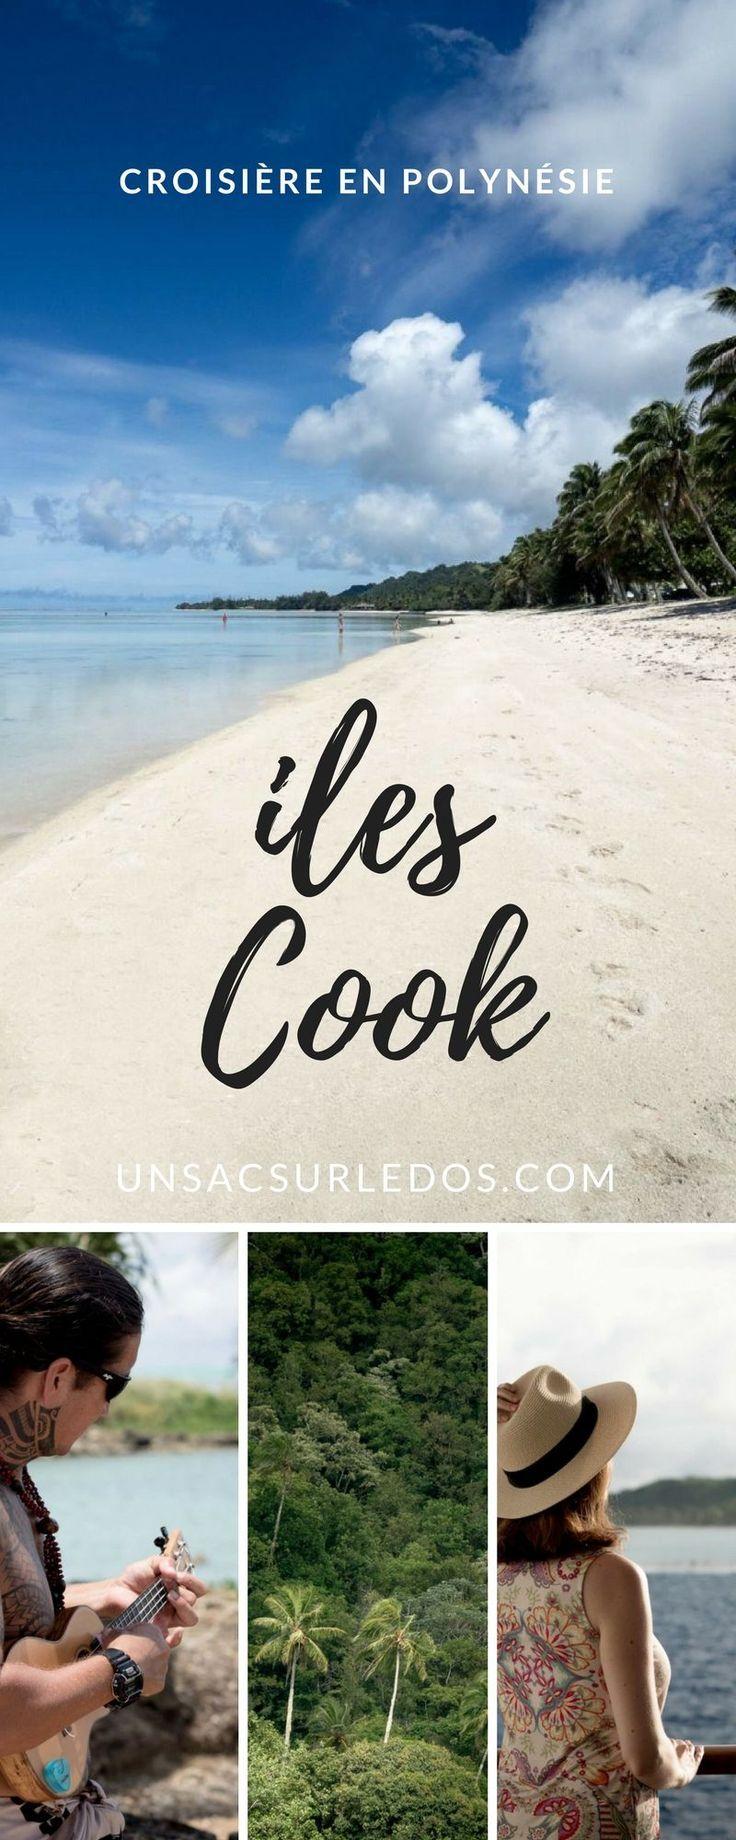 Carnet De Polynesie 2 4 Les Iles Cook Au Coeur Du Pacifique Iles Cook Voyage En Polynesie Ile